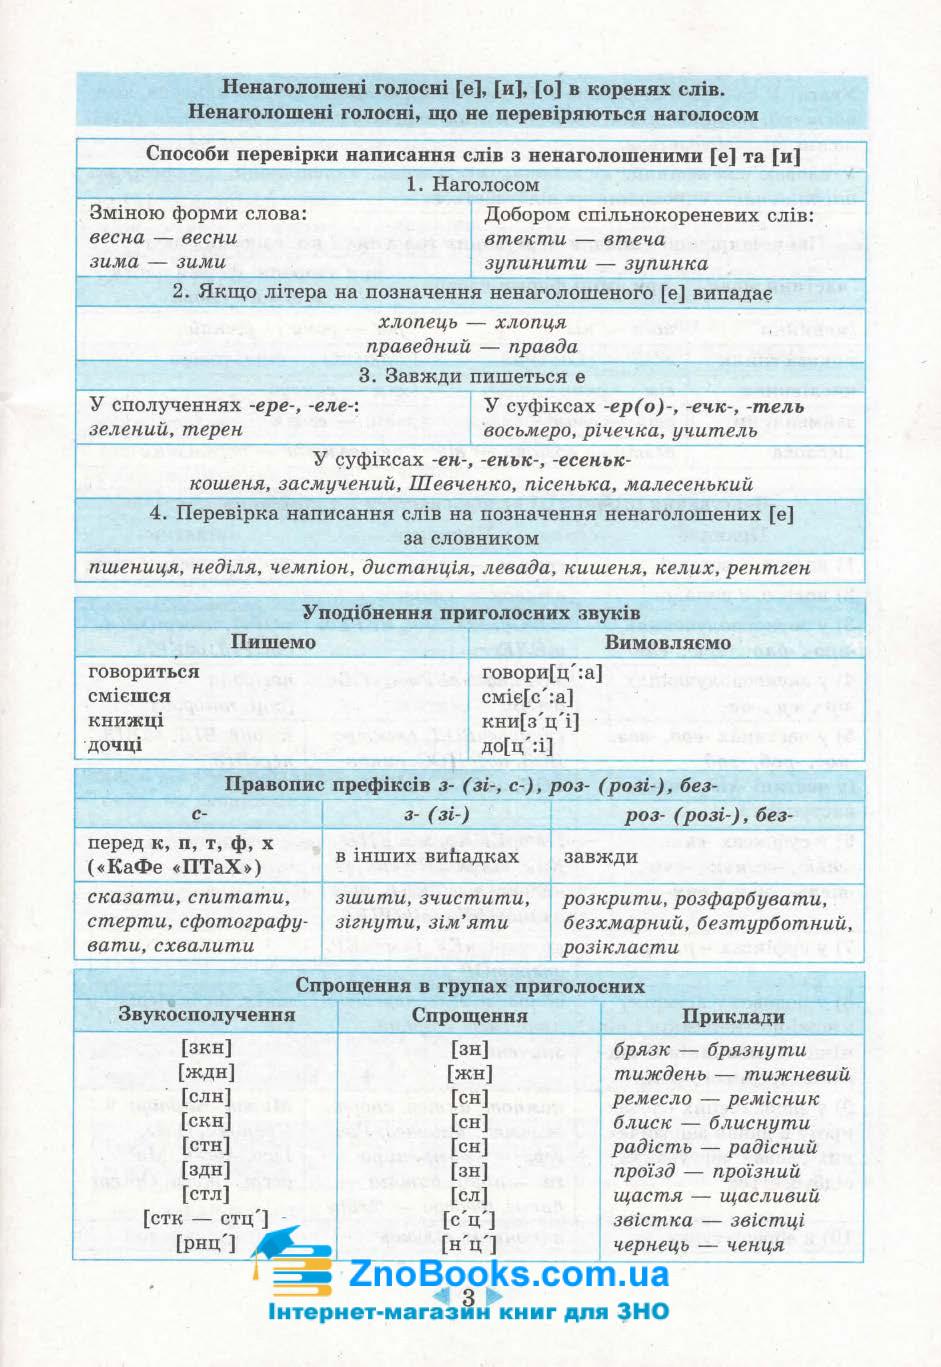 Довідник 6-11 класи з української мови. Підготовка до ЗНО та ДПА. Маркотенко Т. Весна 4